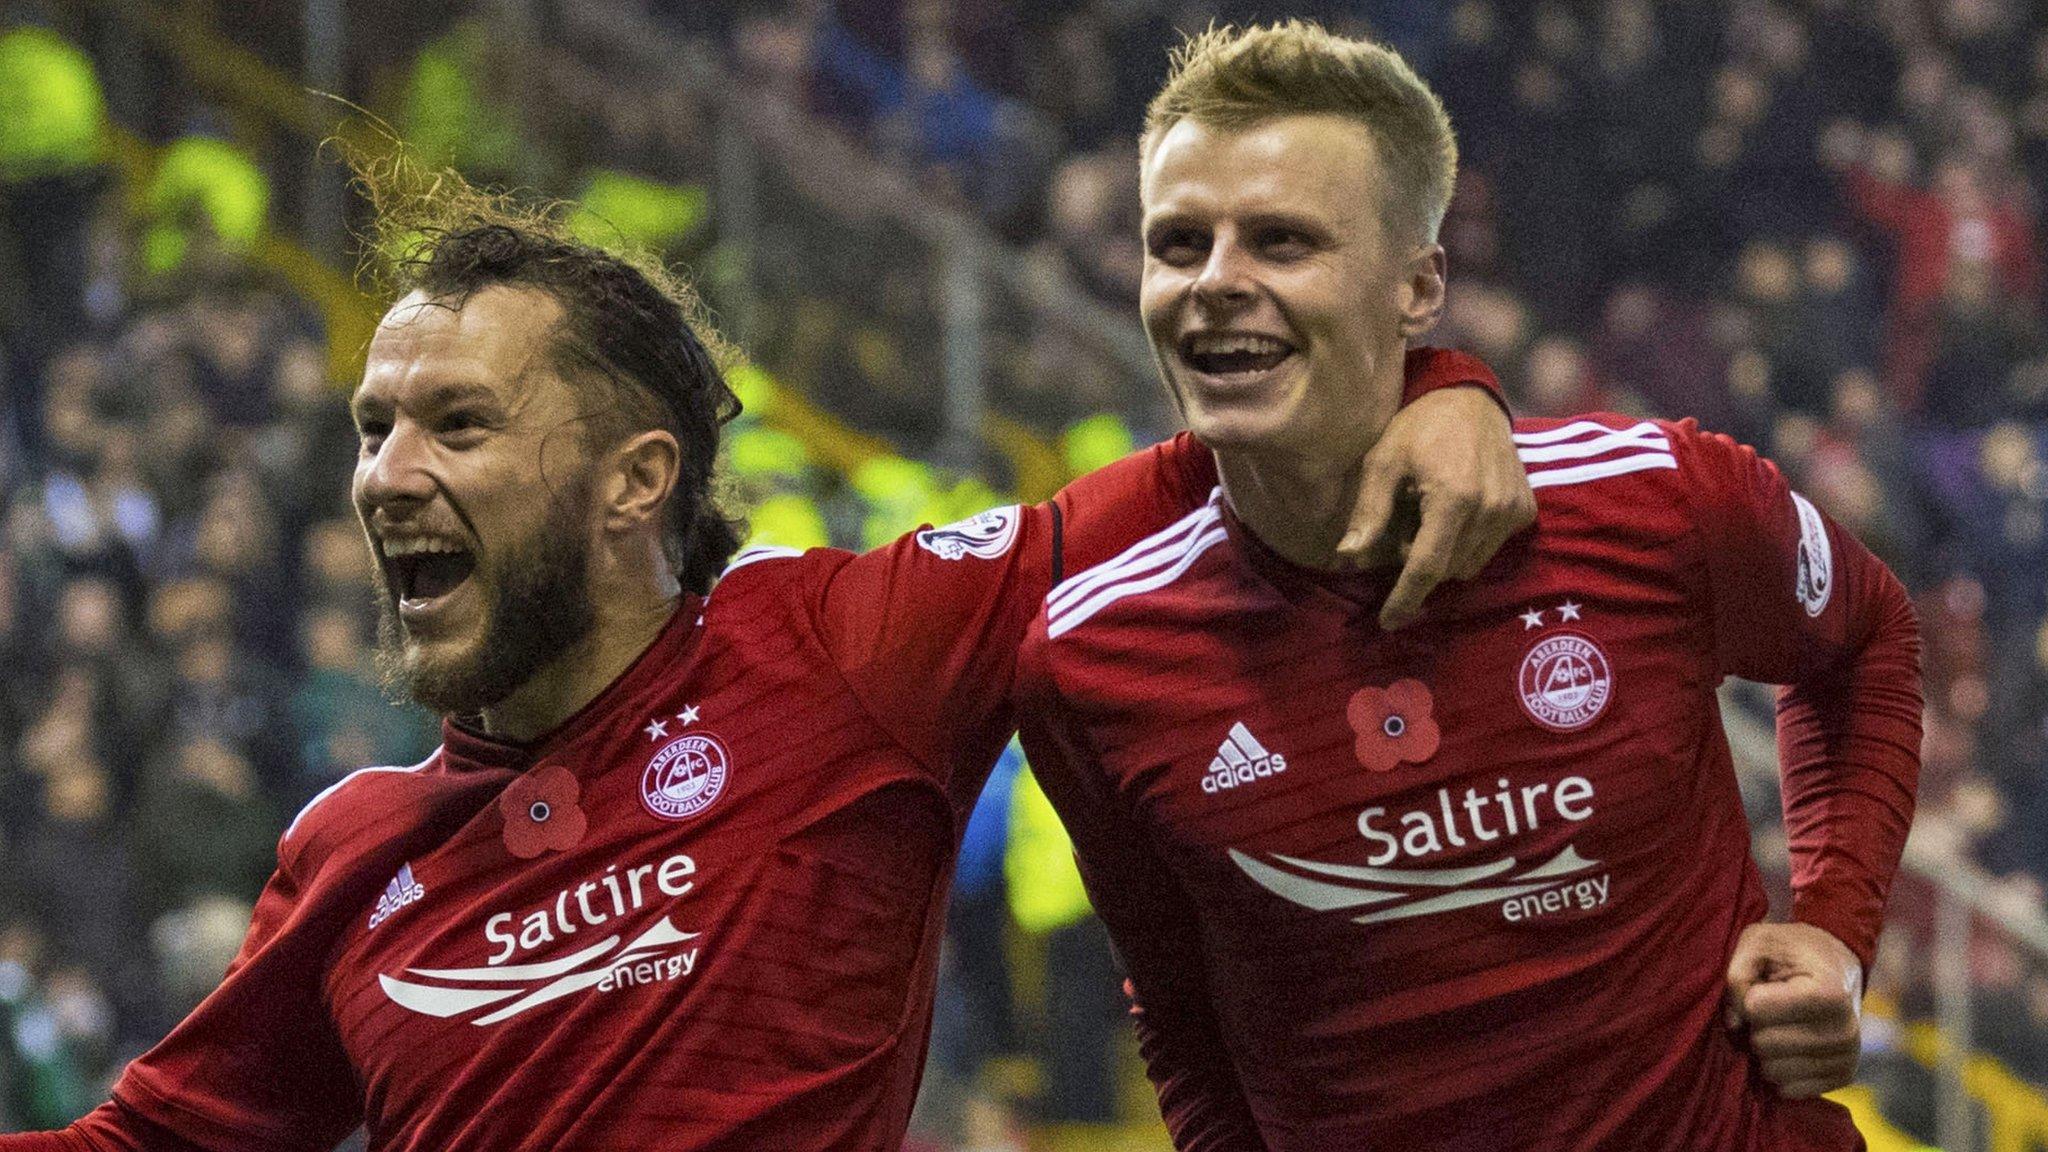 Aberdeen 1-0 Hibernian: Gary Mackay-Steven goal decisive at Pittodrie